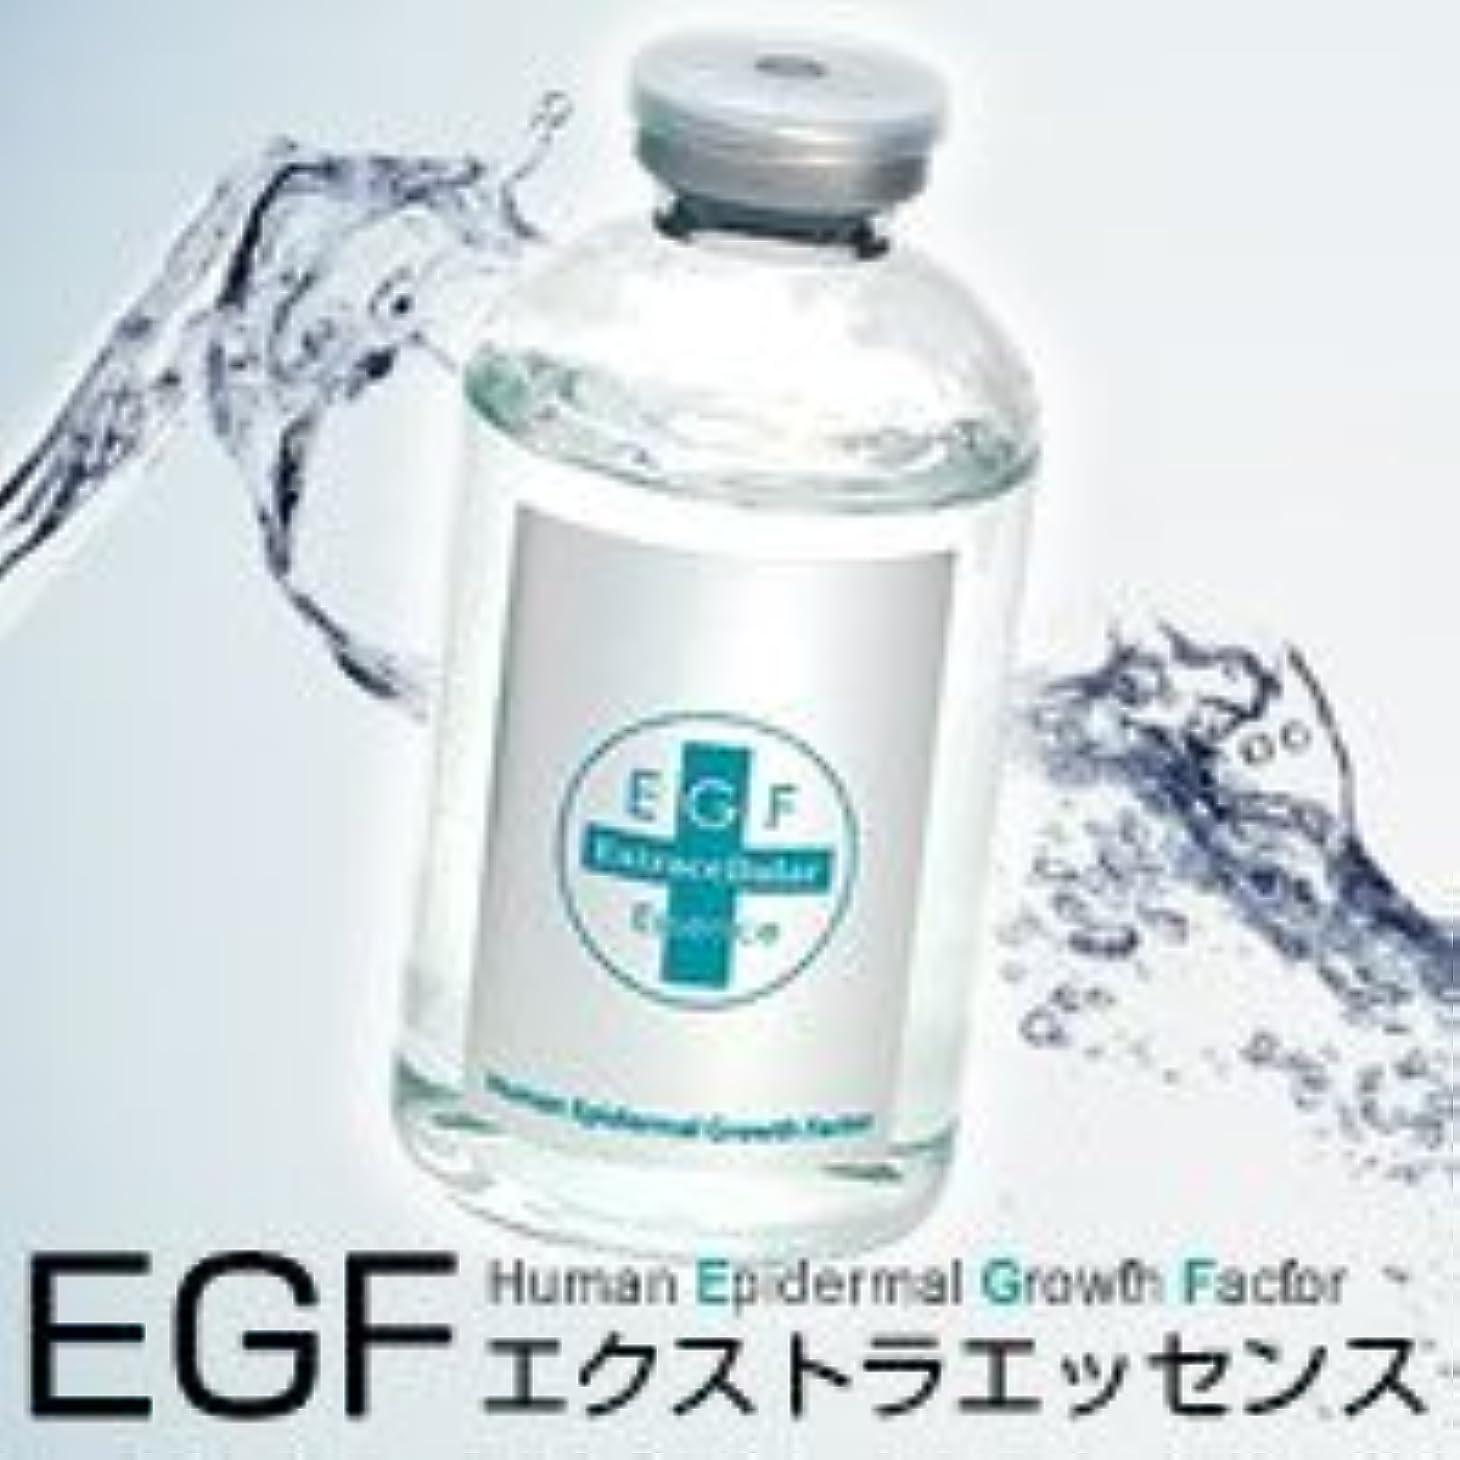 血統収束つかむバイオリンク EGFエクストラエッセンス 60ml (分包サンプル5枚付)